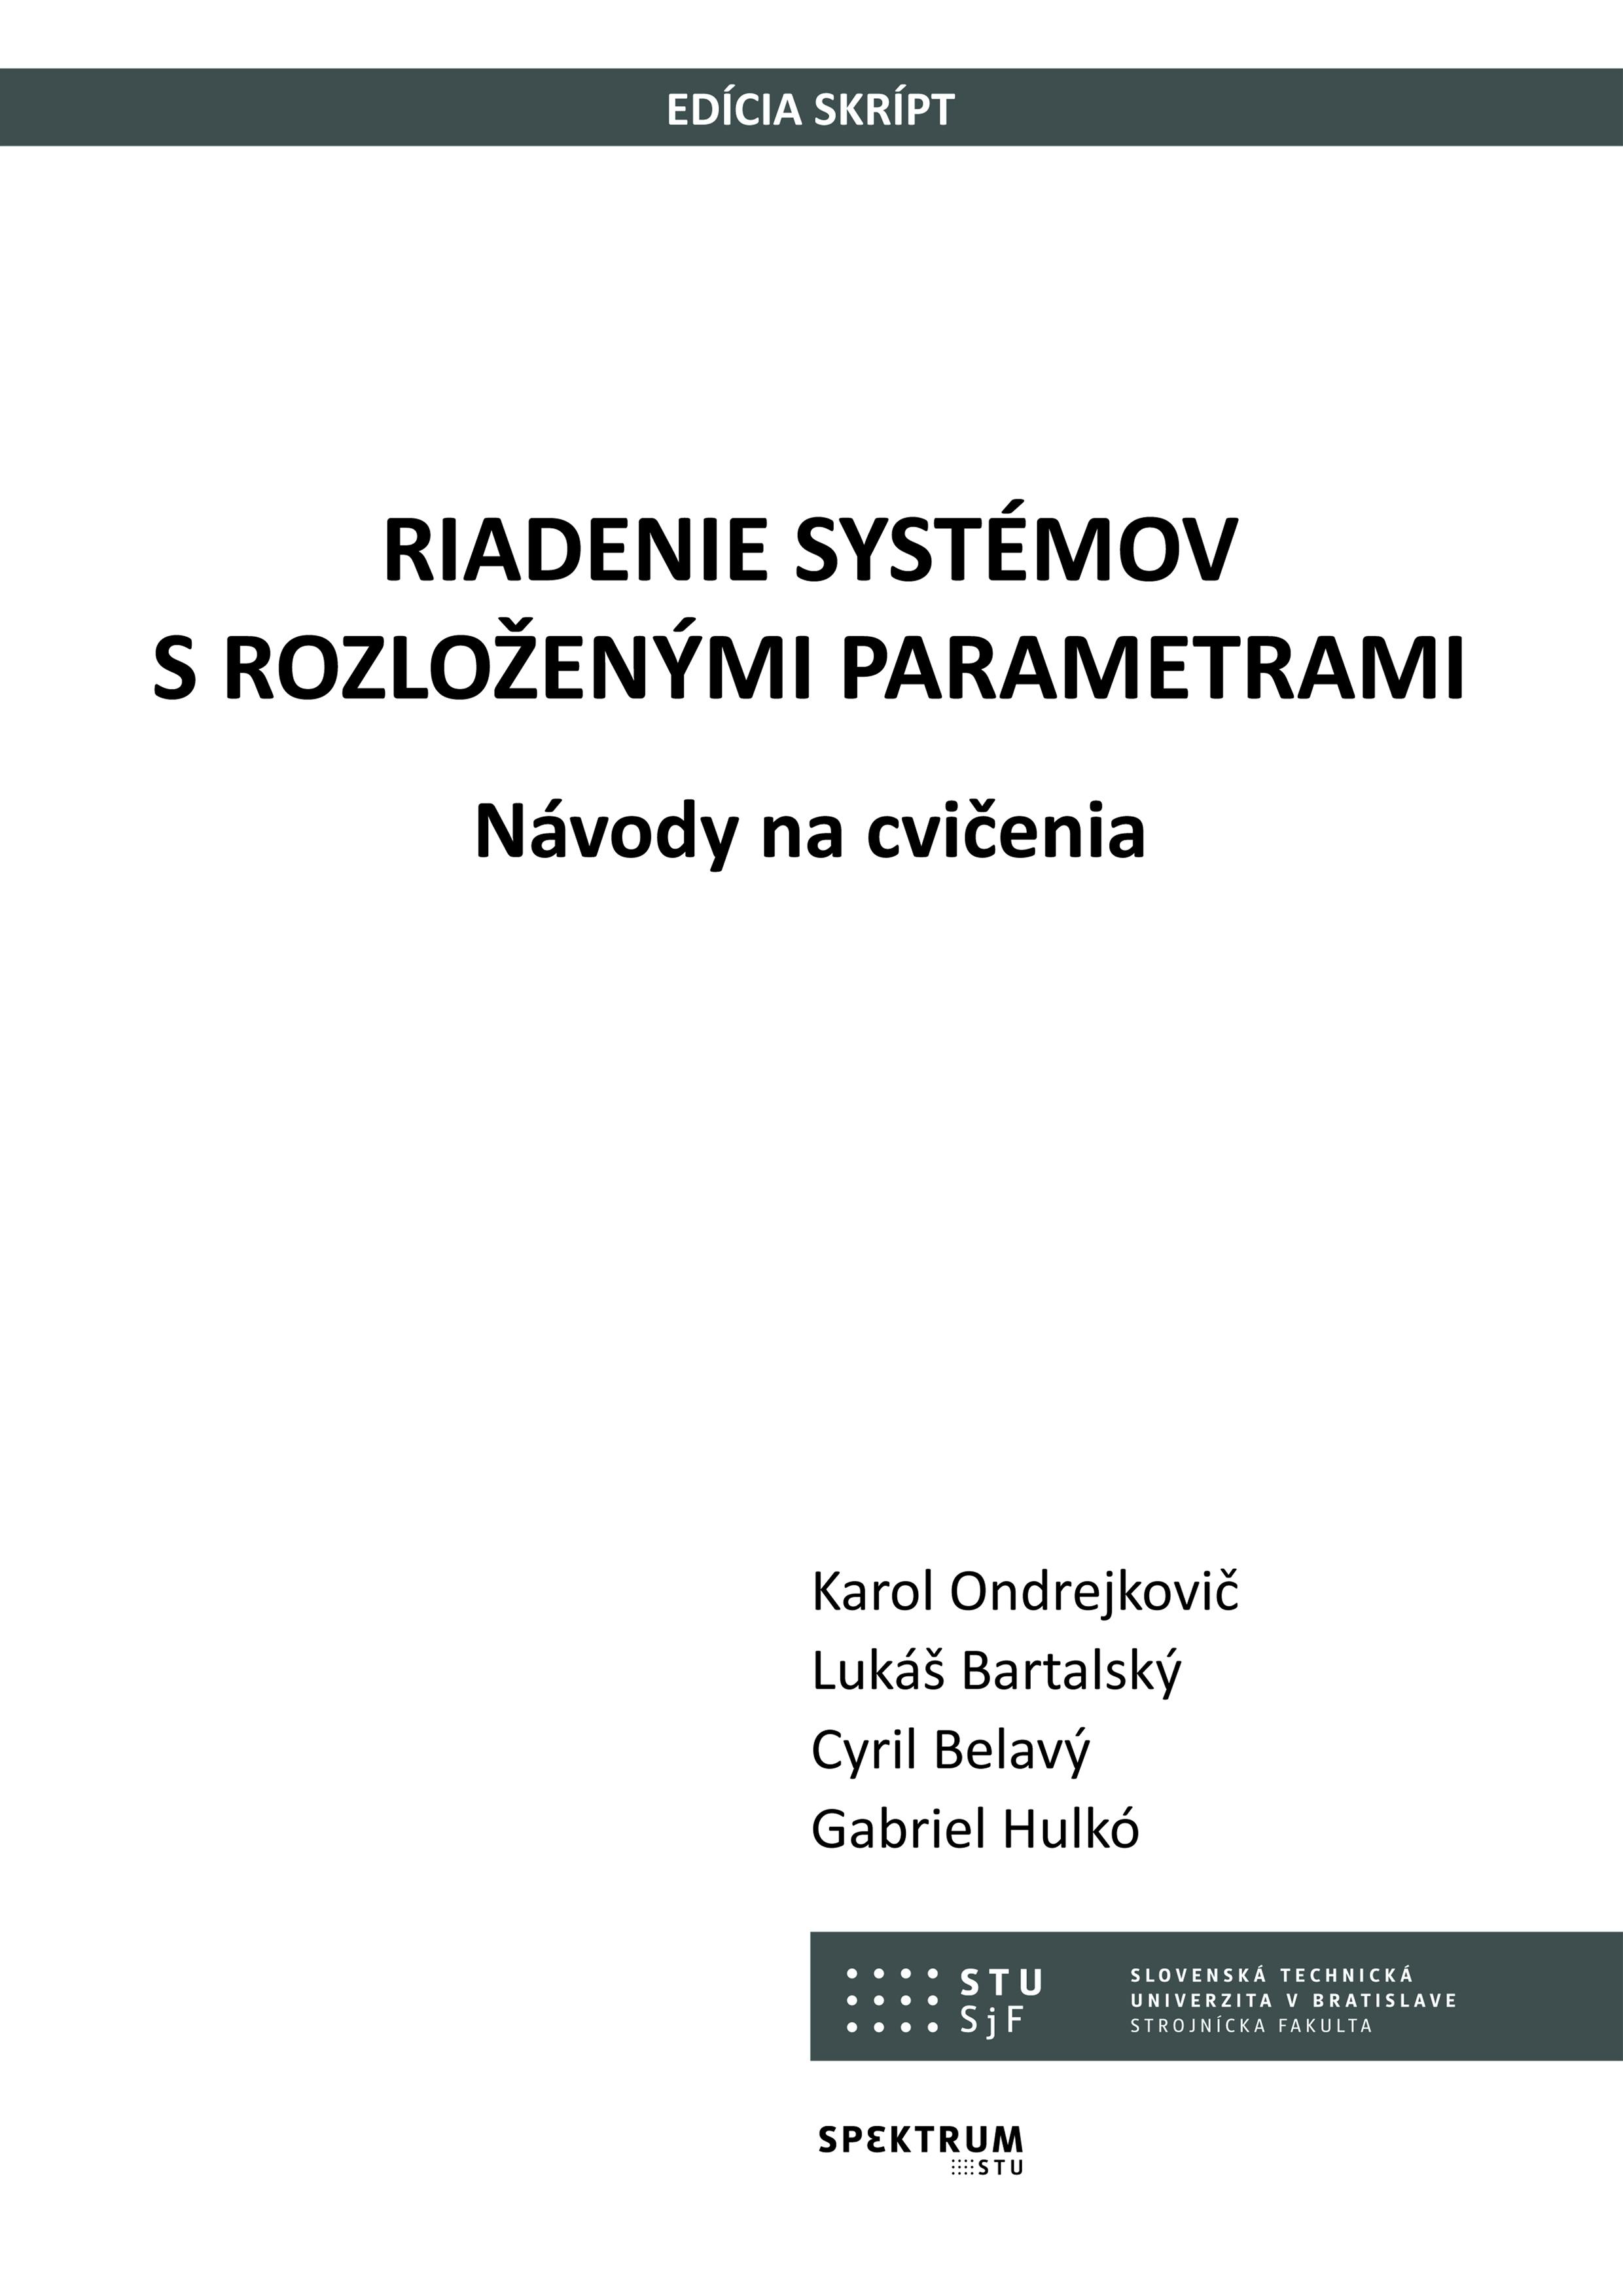 Riadenie systémov s rozloženými parametrami. Návody na cvičenia 1